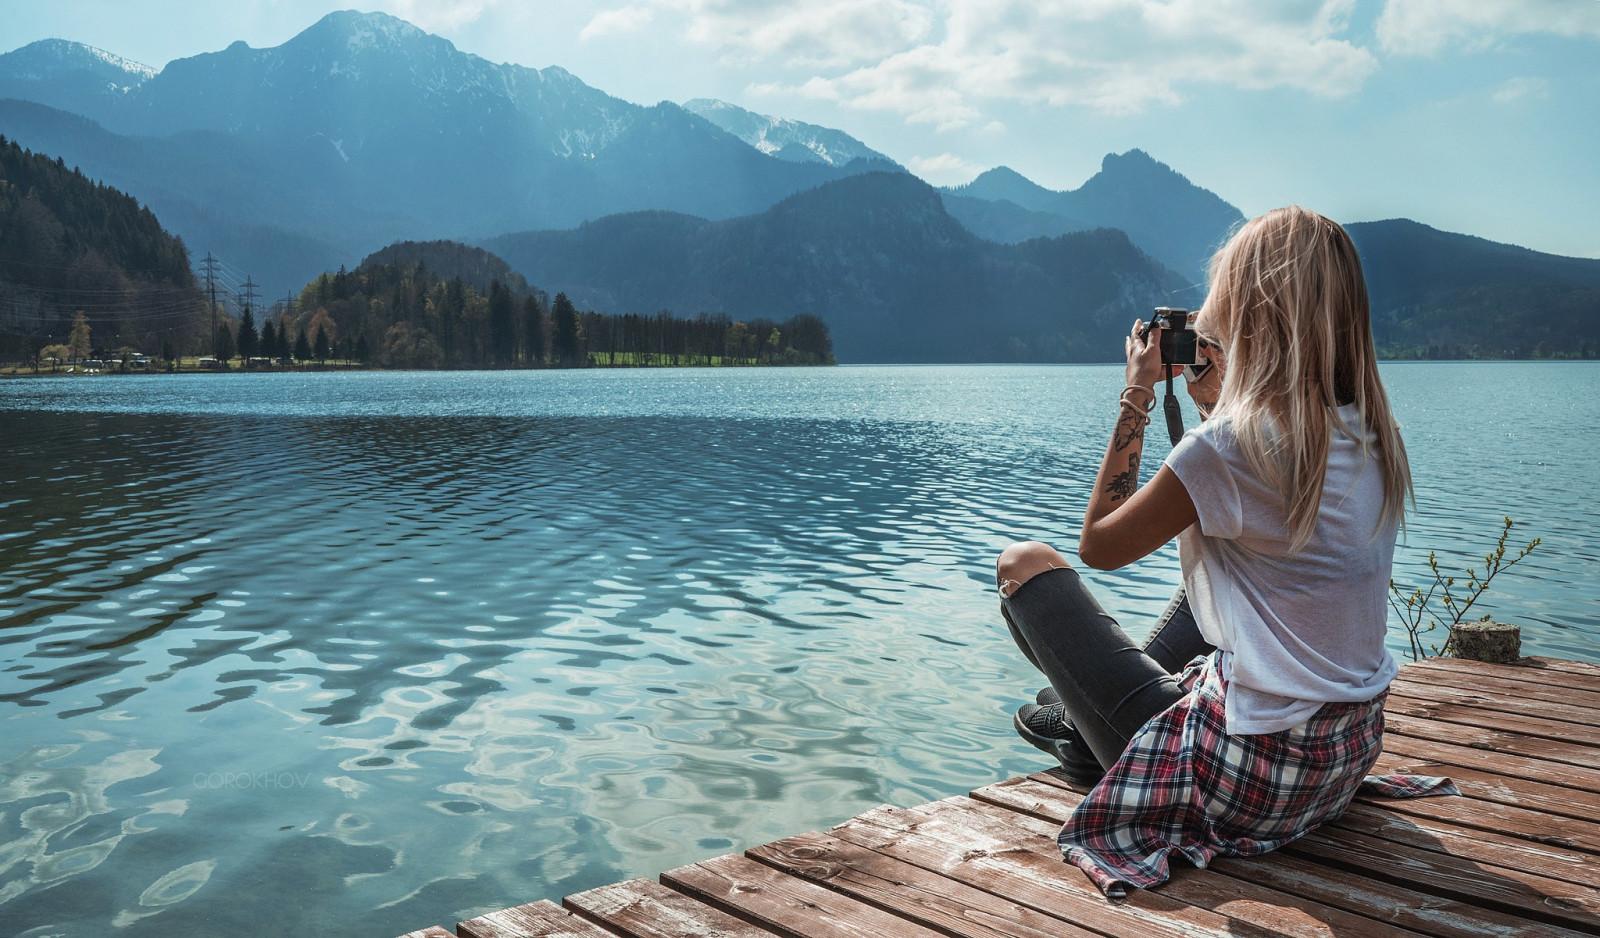 Wallpaper : sunlight, trees, mountains, women outdoors